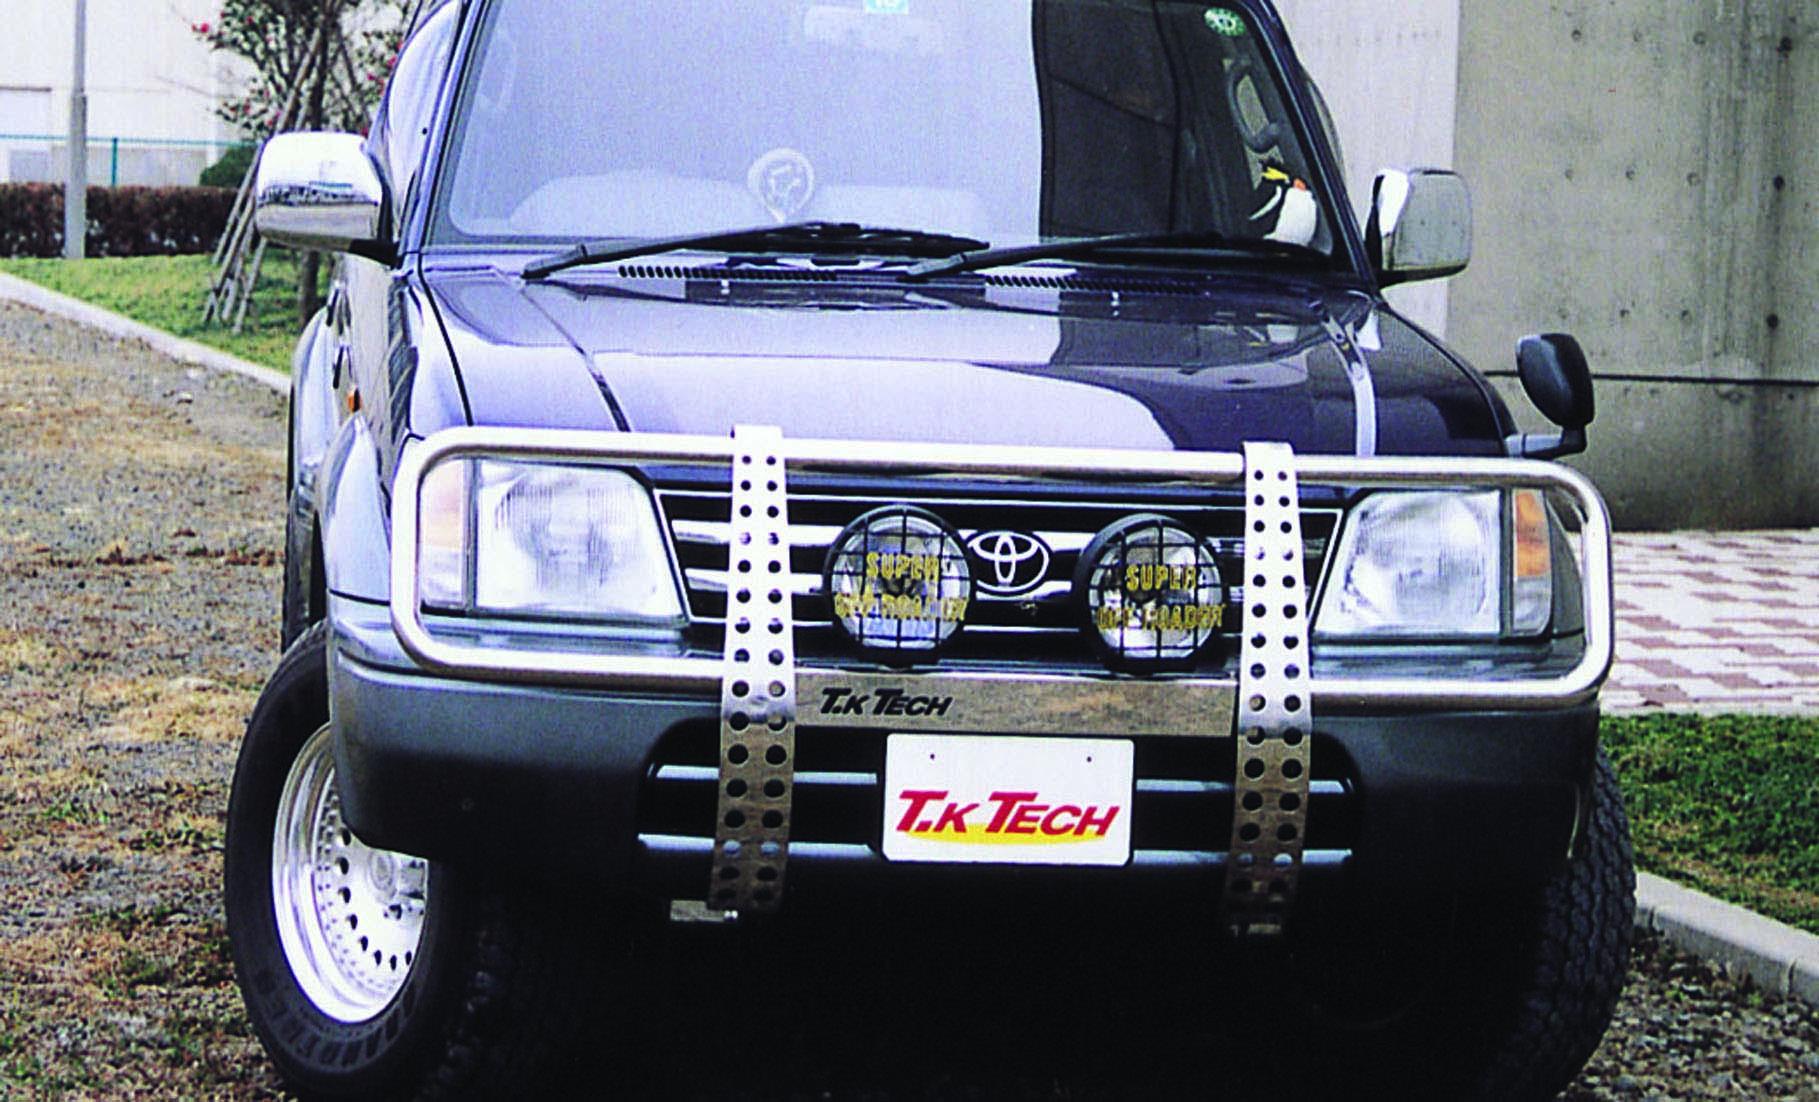 ランクル90プラド用カスタムパーツ グリルガード「VHG」